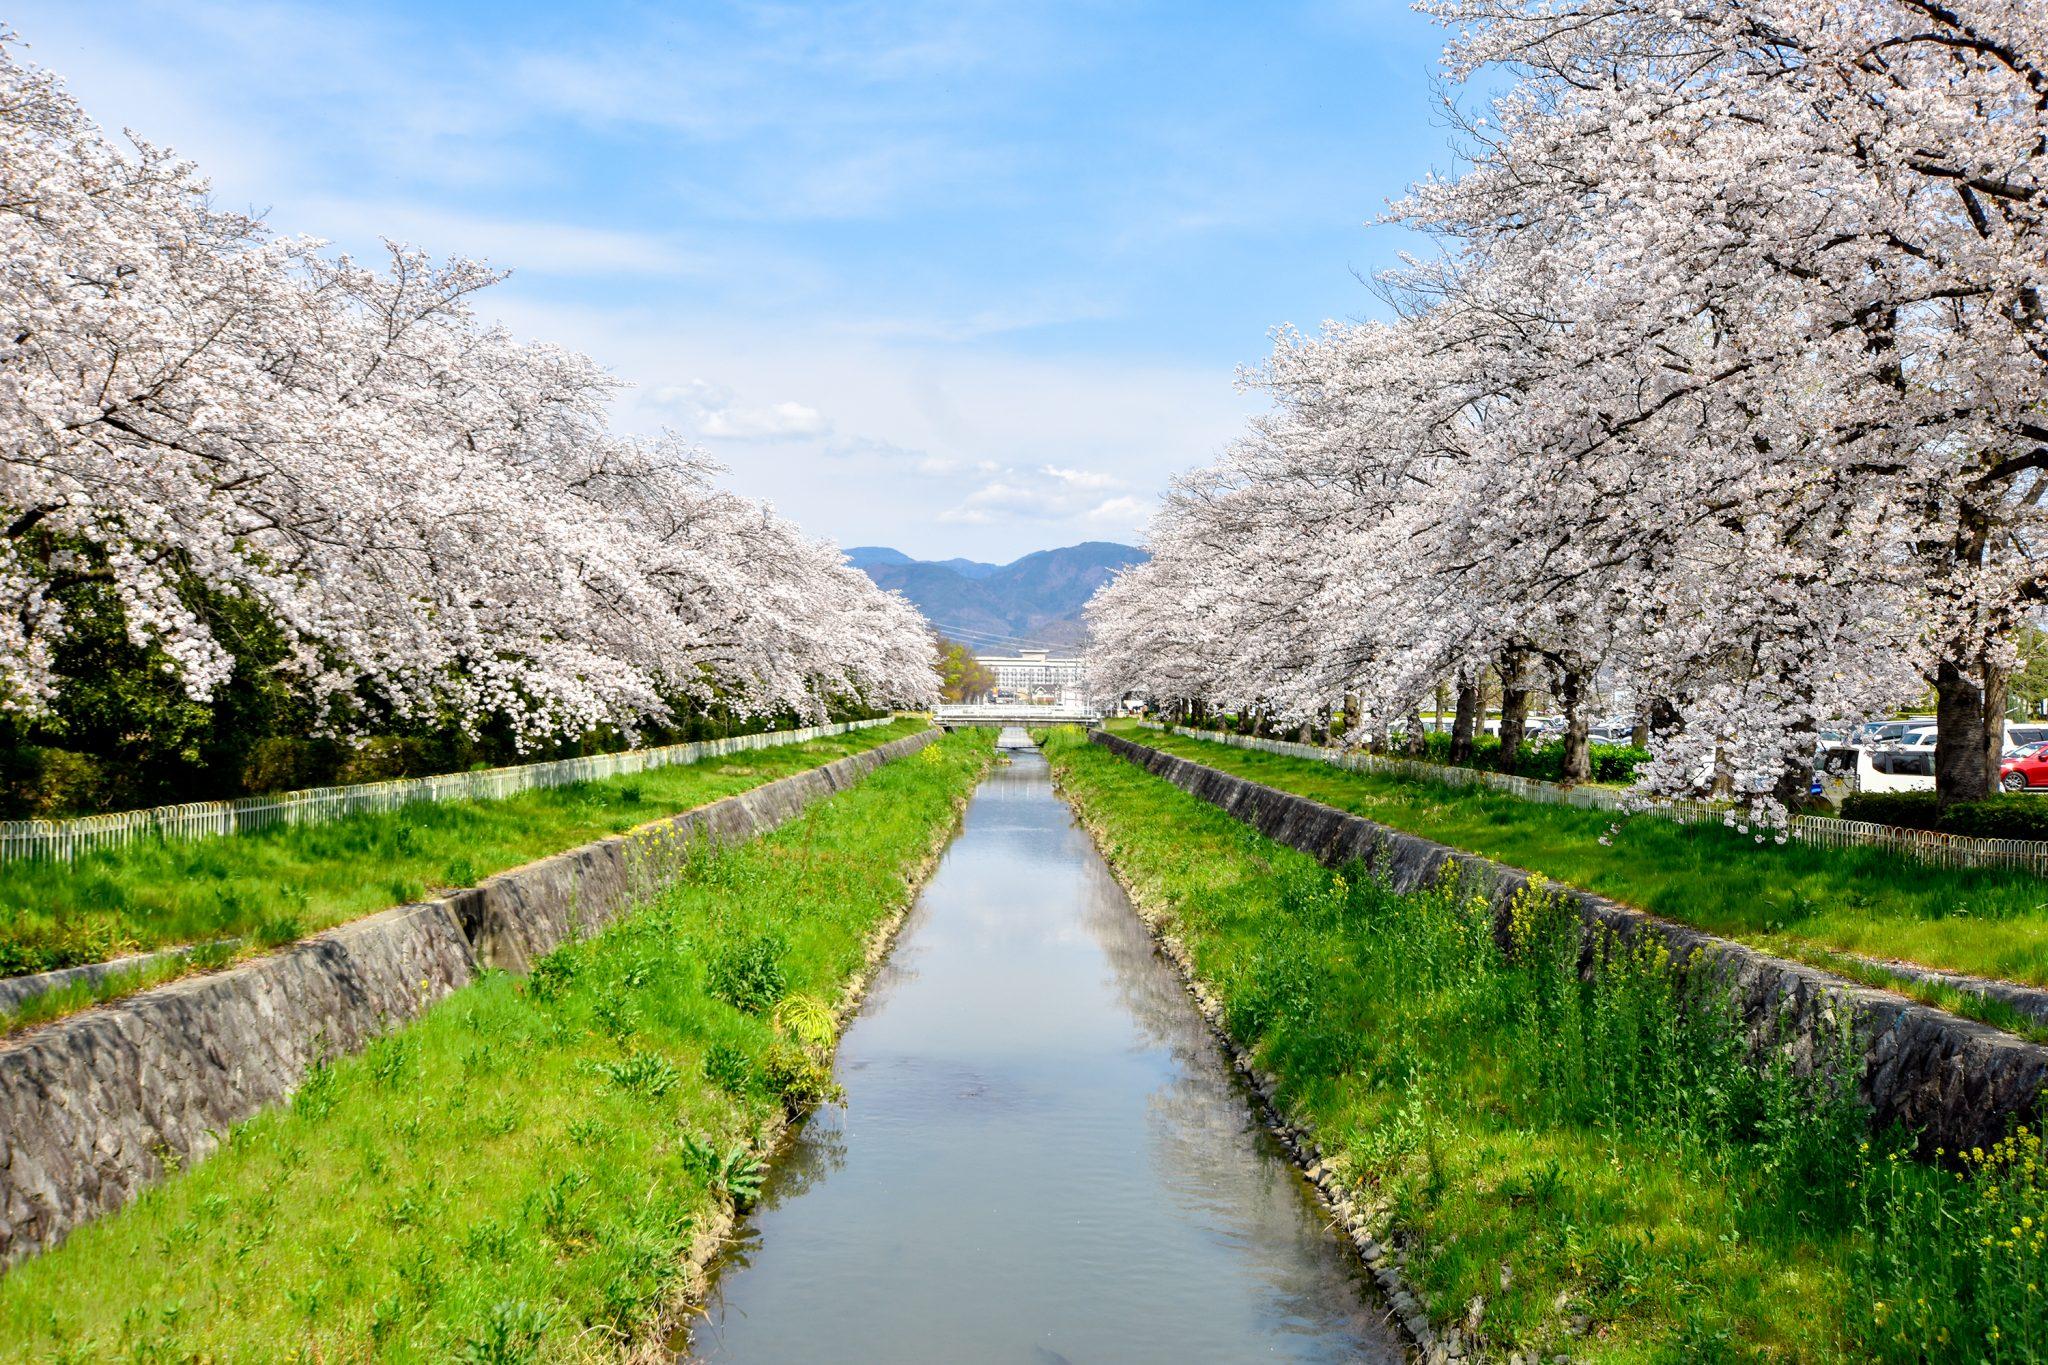 小瀬スポーツ公園の桜 写真1